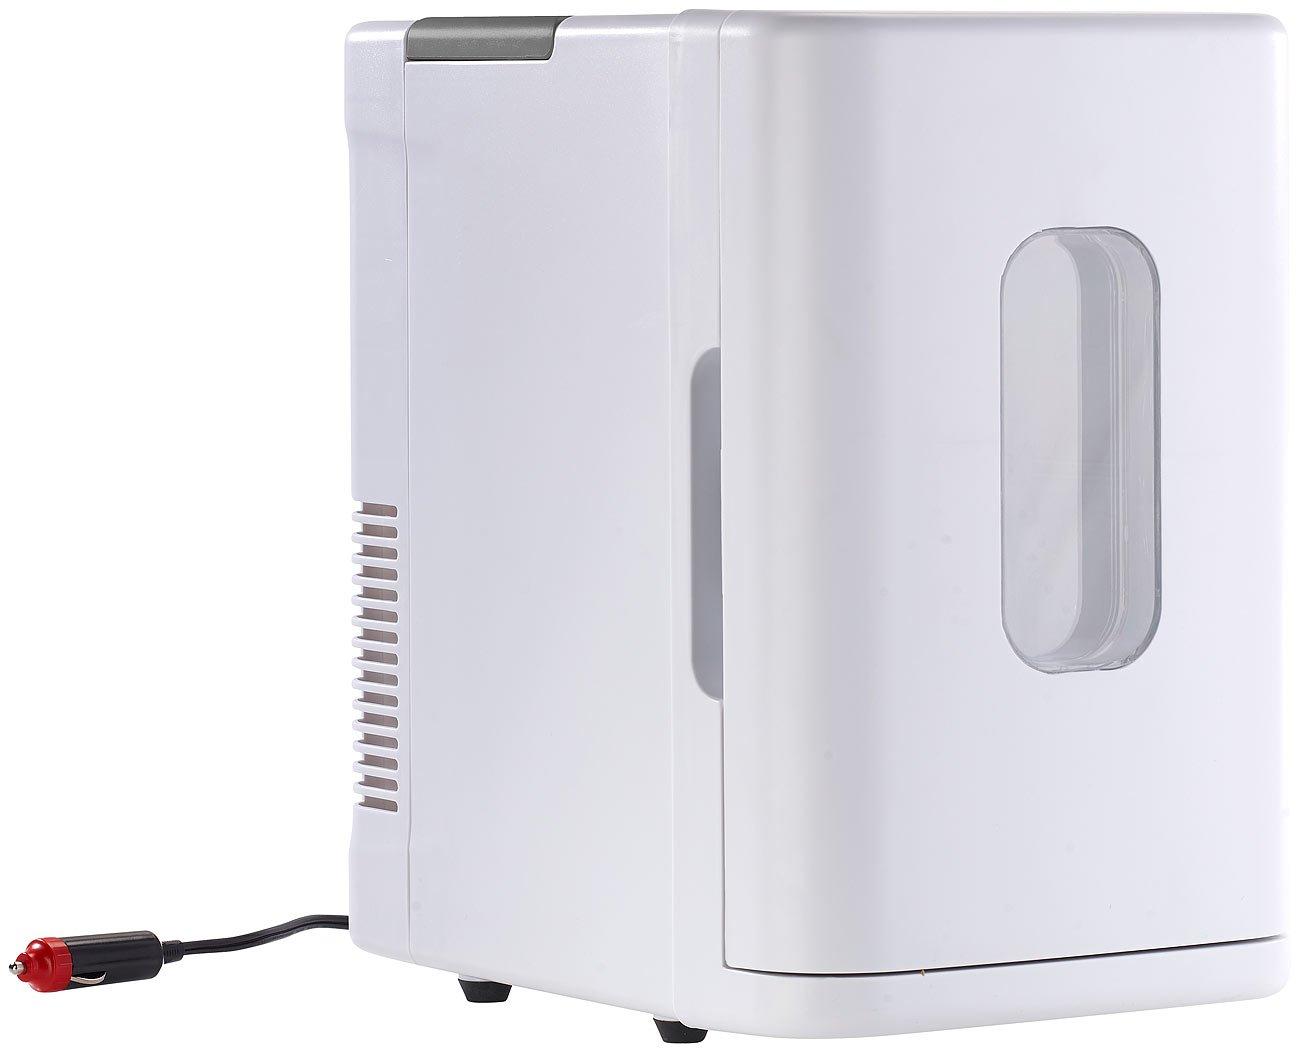 Mini Kühlschrank Wird Nicht Kalt : Rosenstein & söhne reisekühlschrank: amazon.de: elektronik